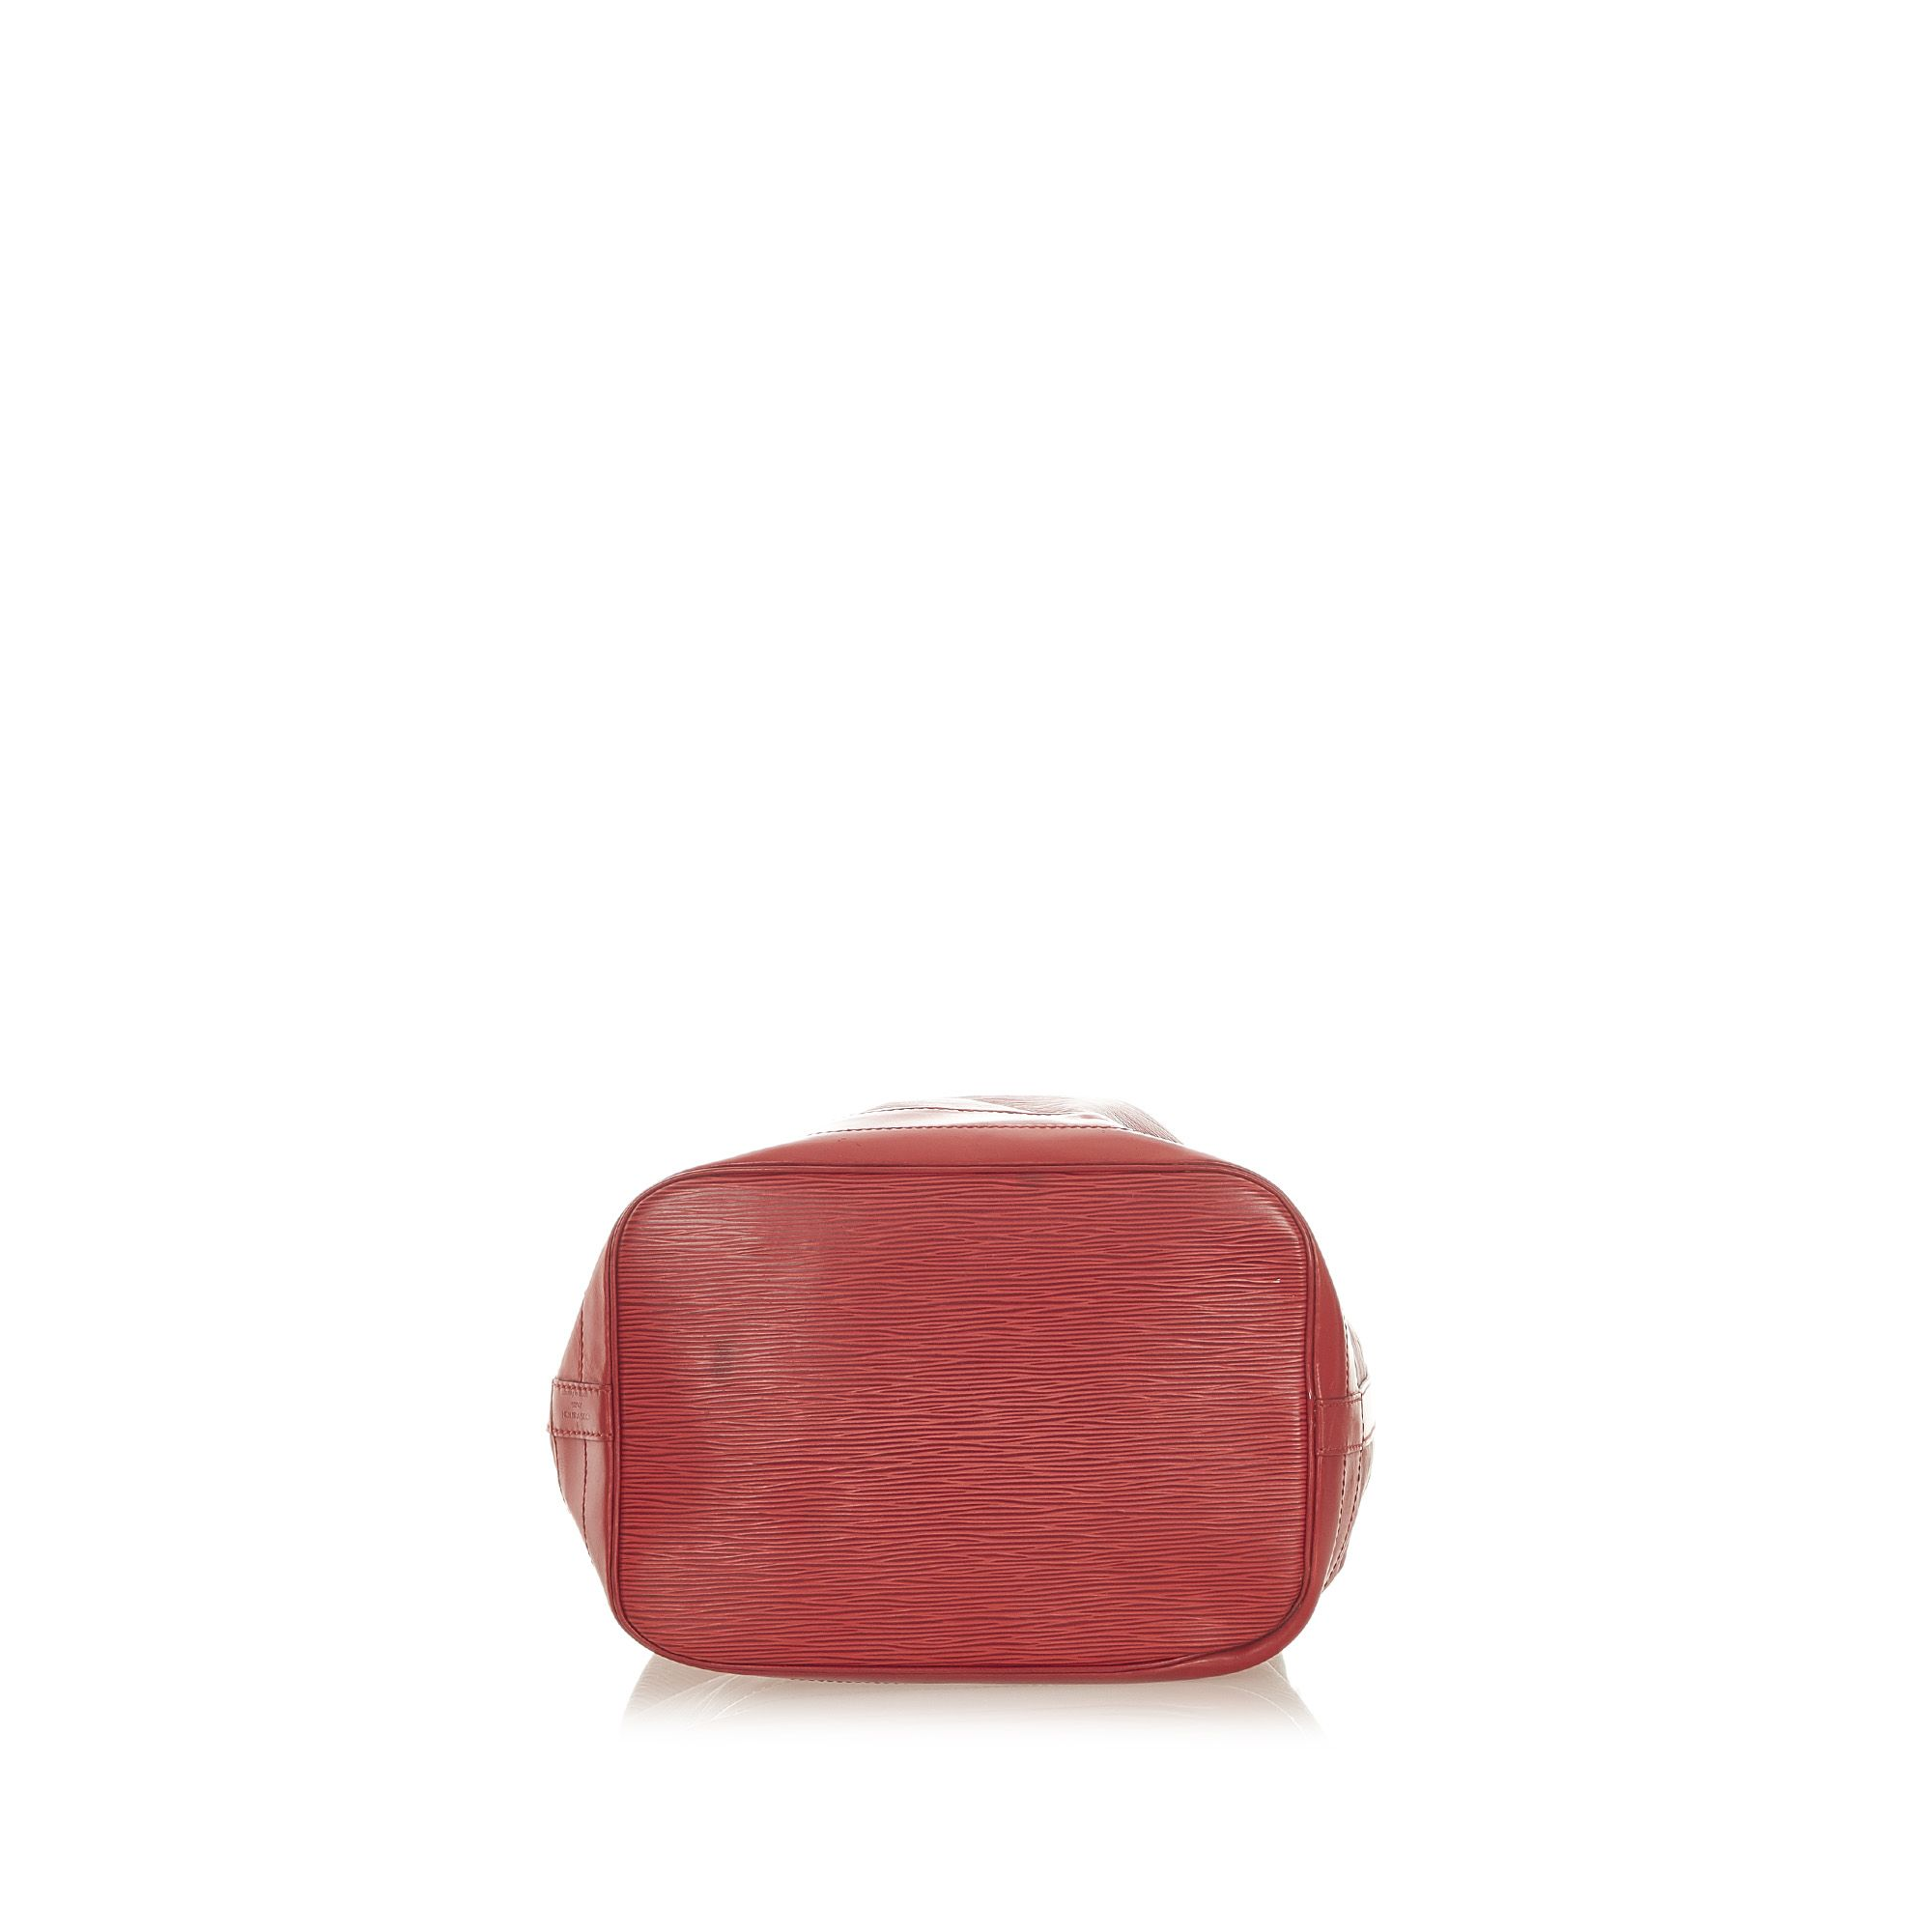 Vintage Louis Vuitton Epi Noe Red